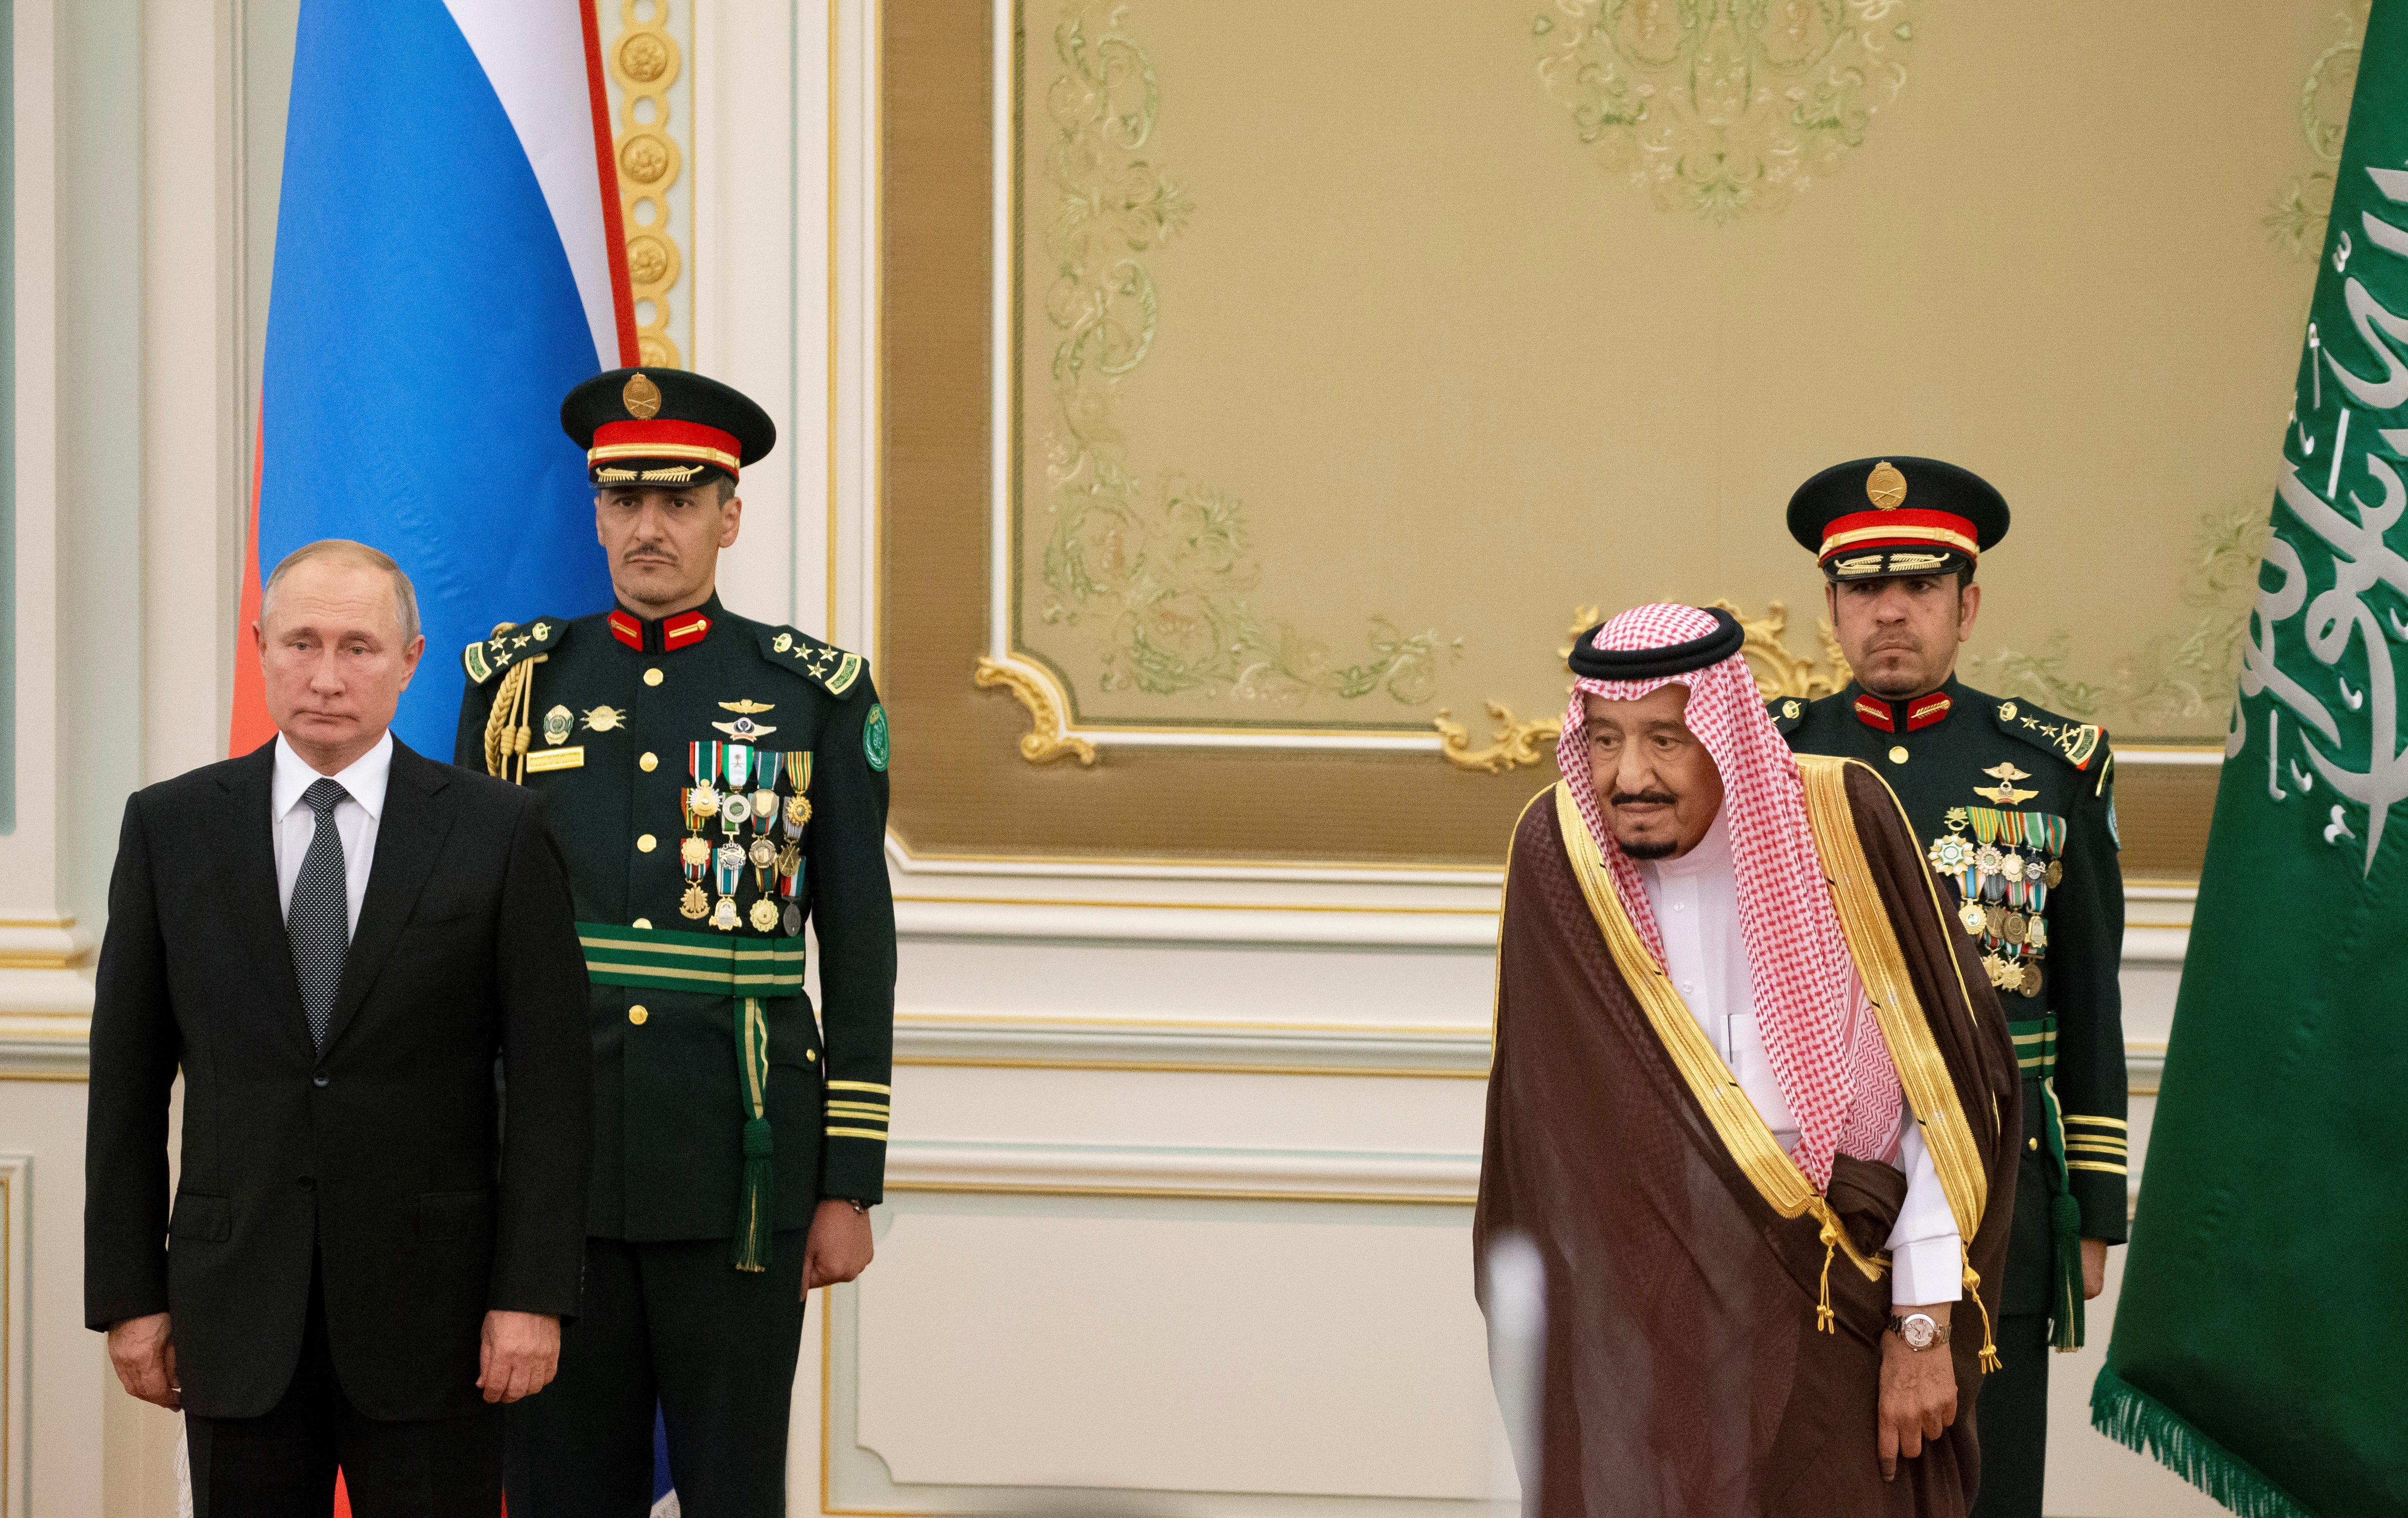 La visite saoudienne marque l'influence croissante de Poutine au Moyen-Orient